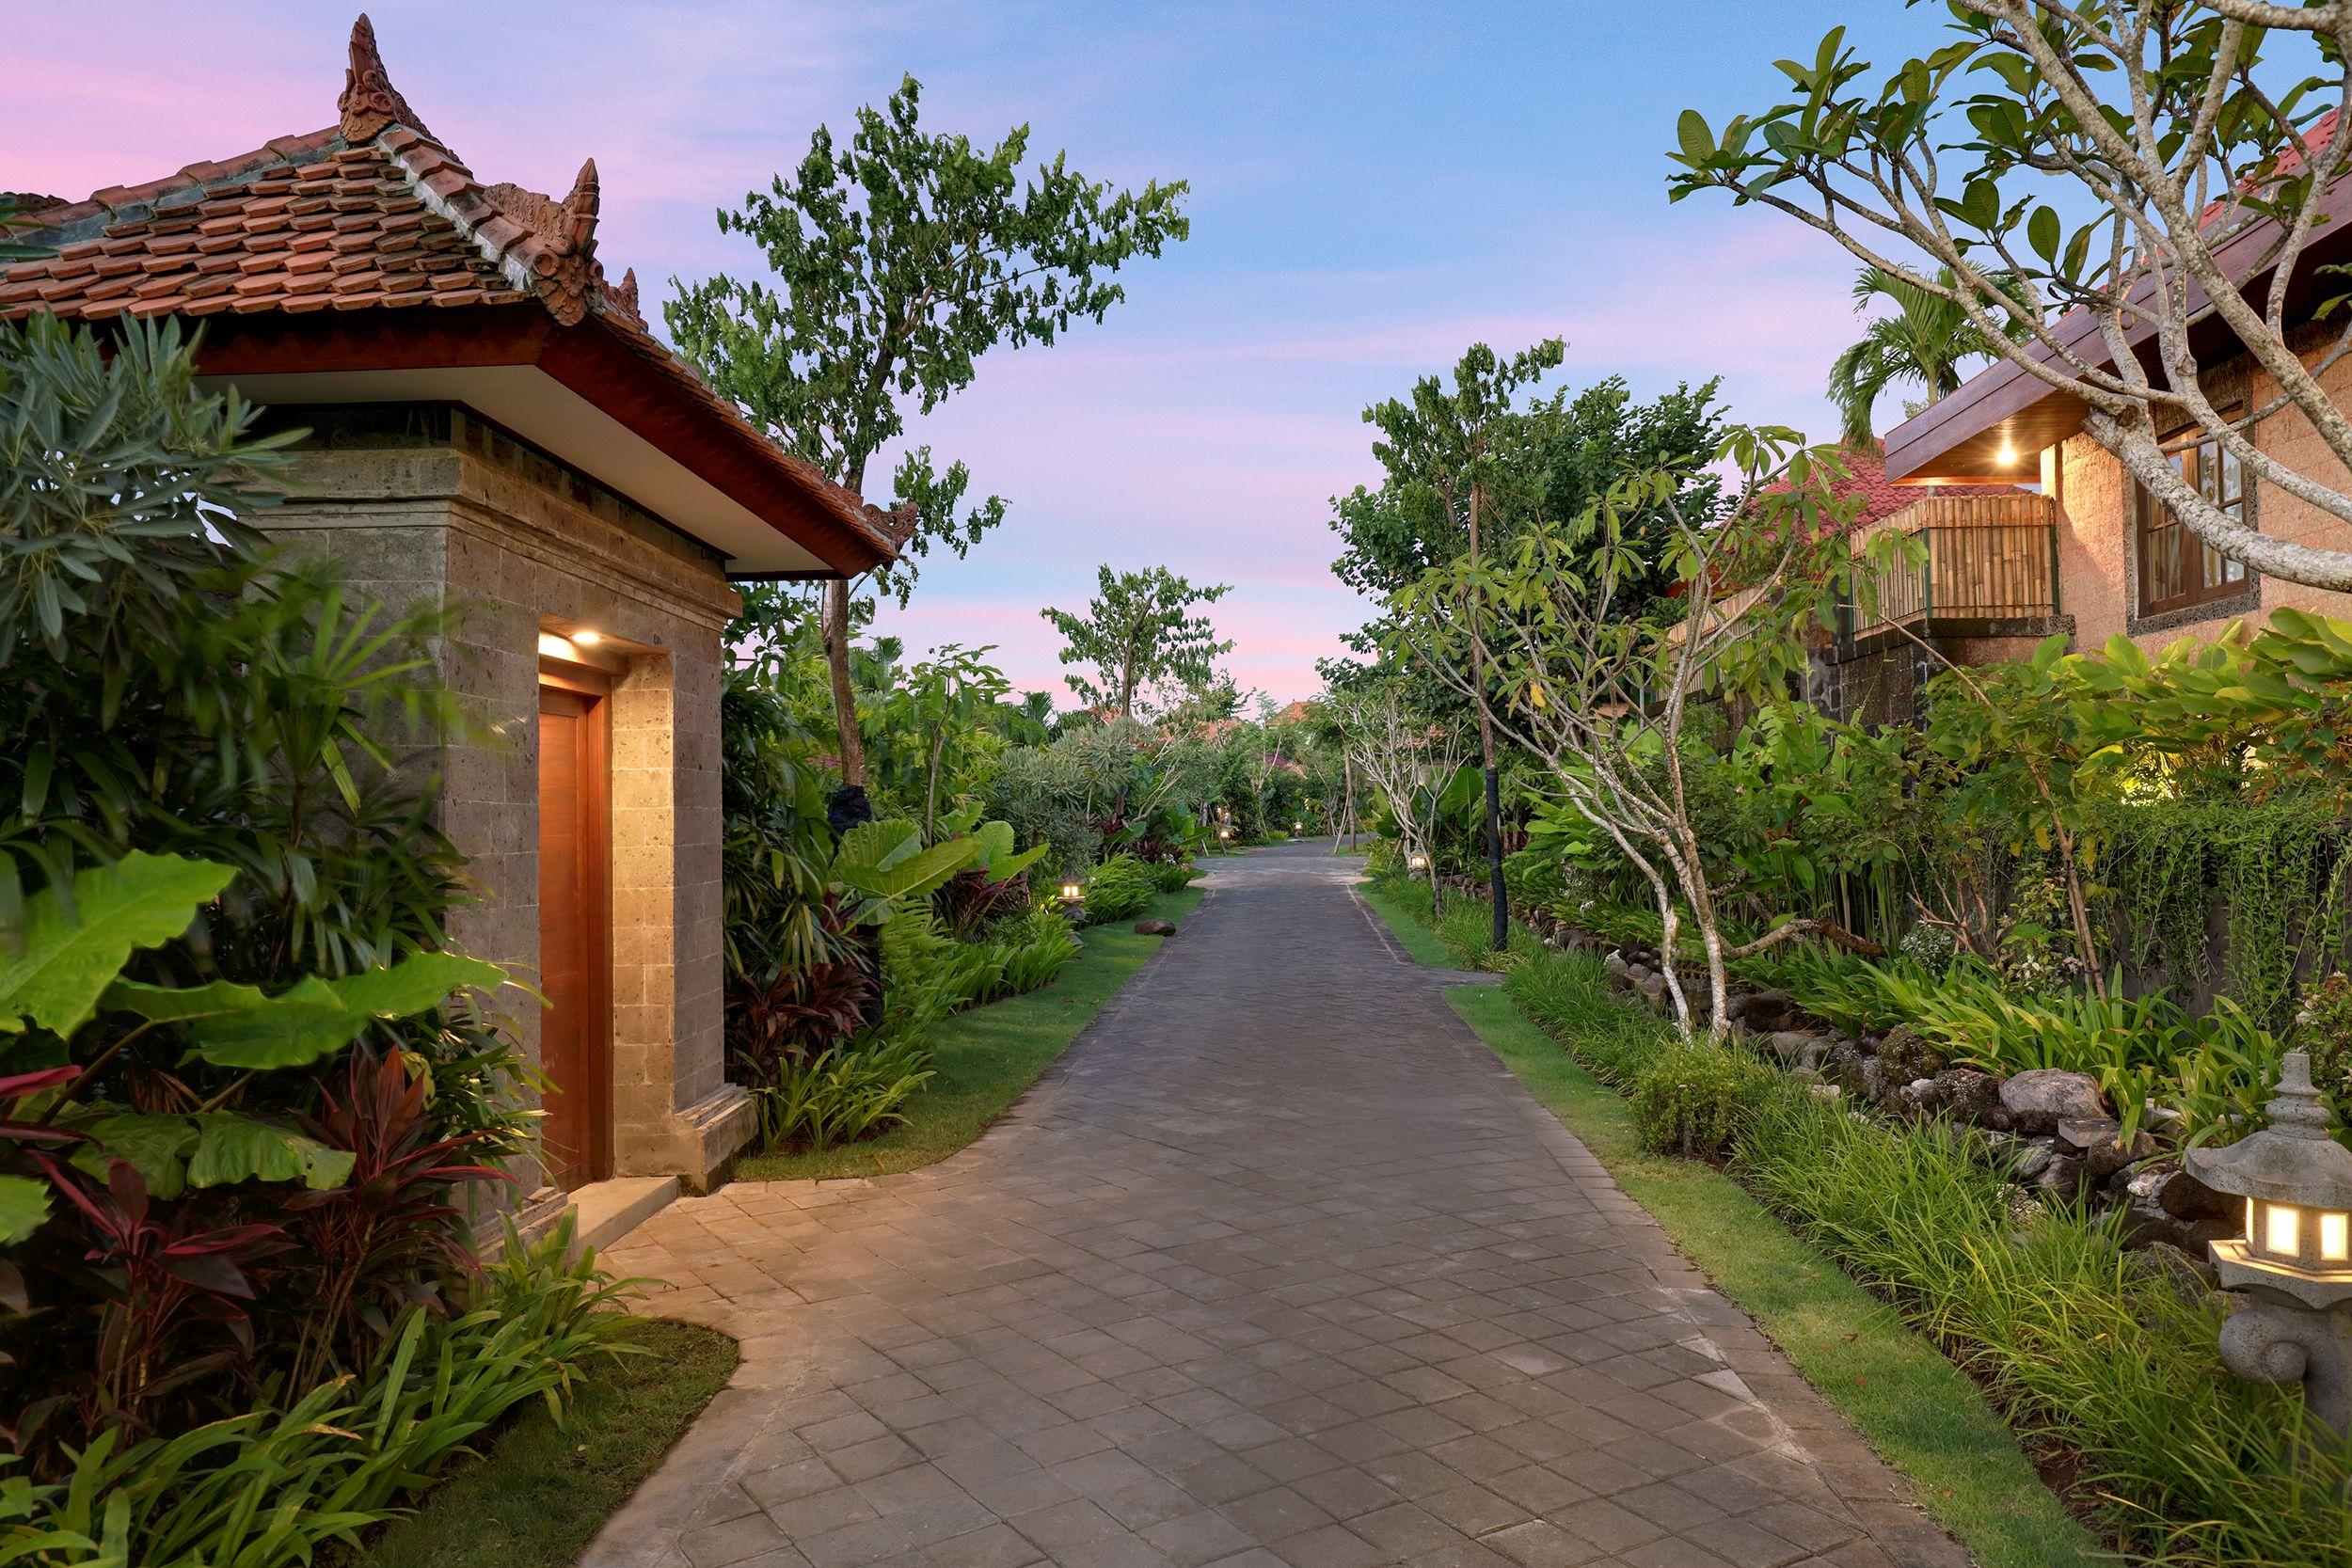 Bali Paradise Heritage Villa by Prabhu, Badung